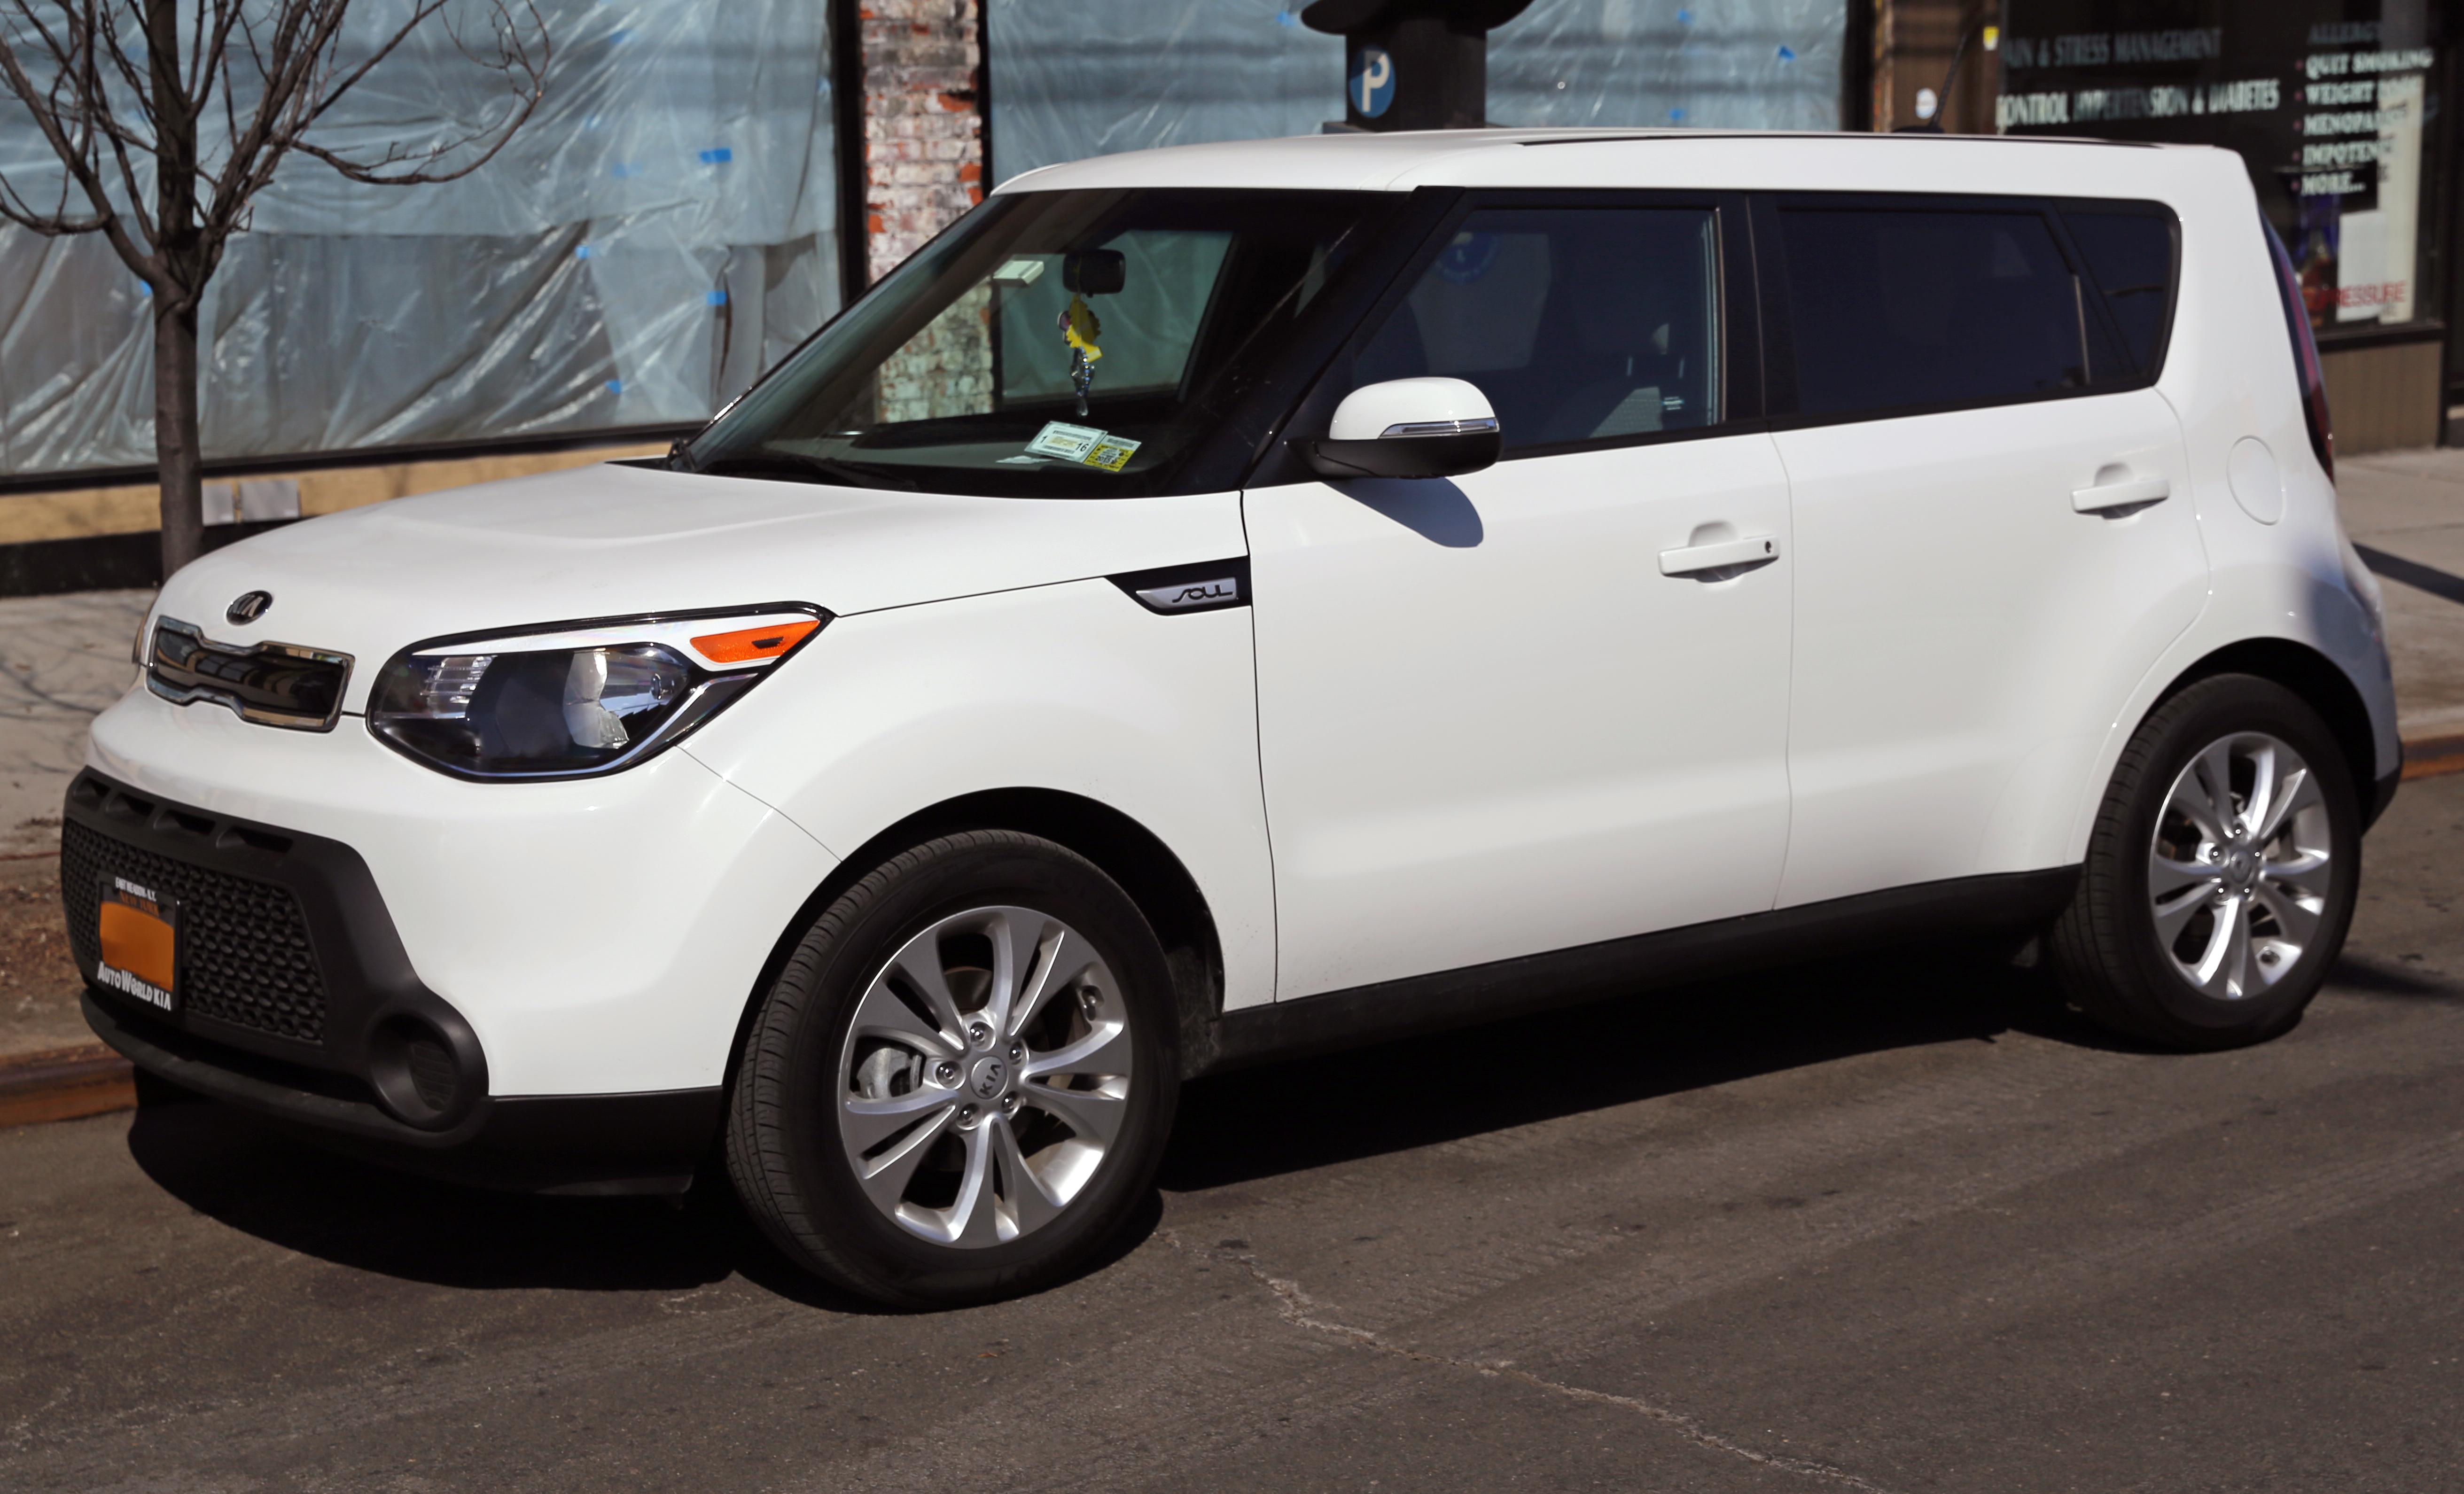 Kia Soul Awd >> The Ugliest Cars Of 2014